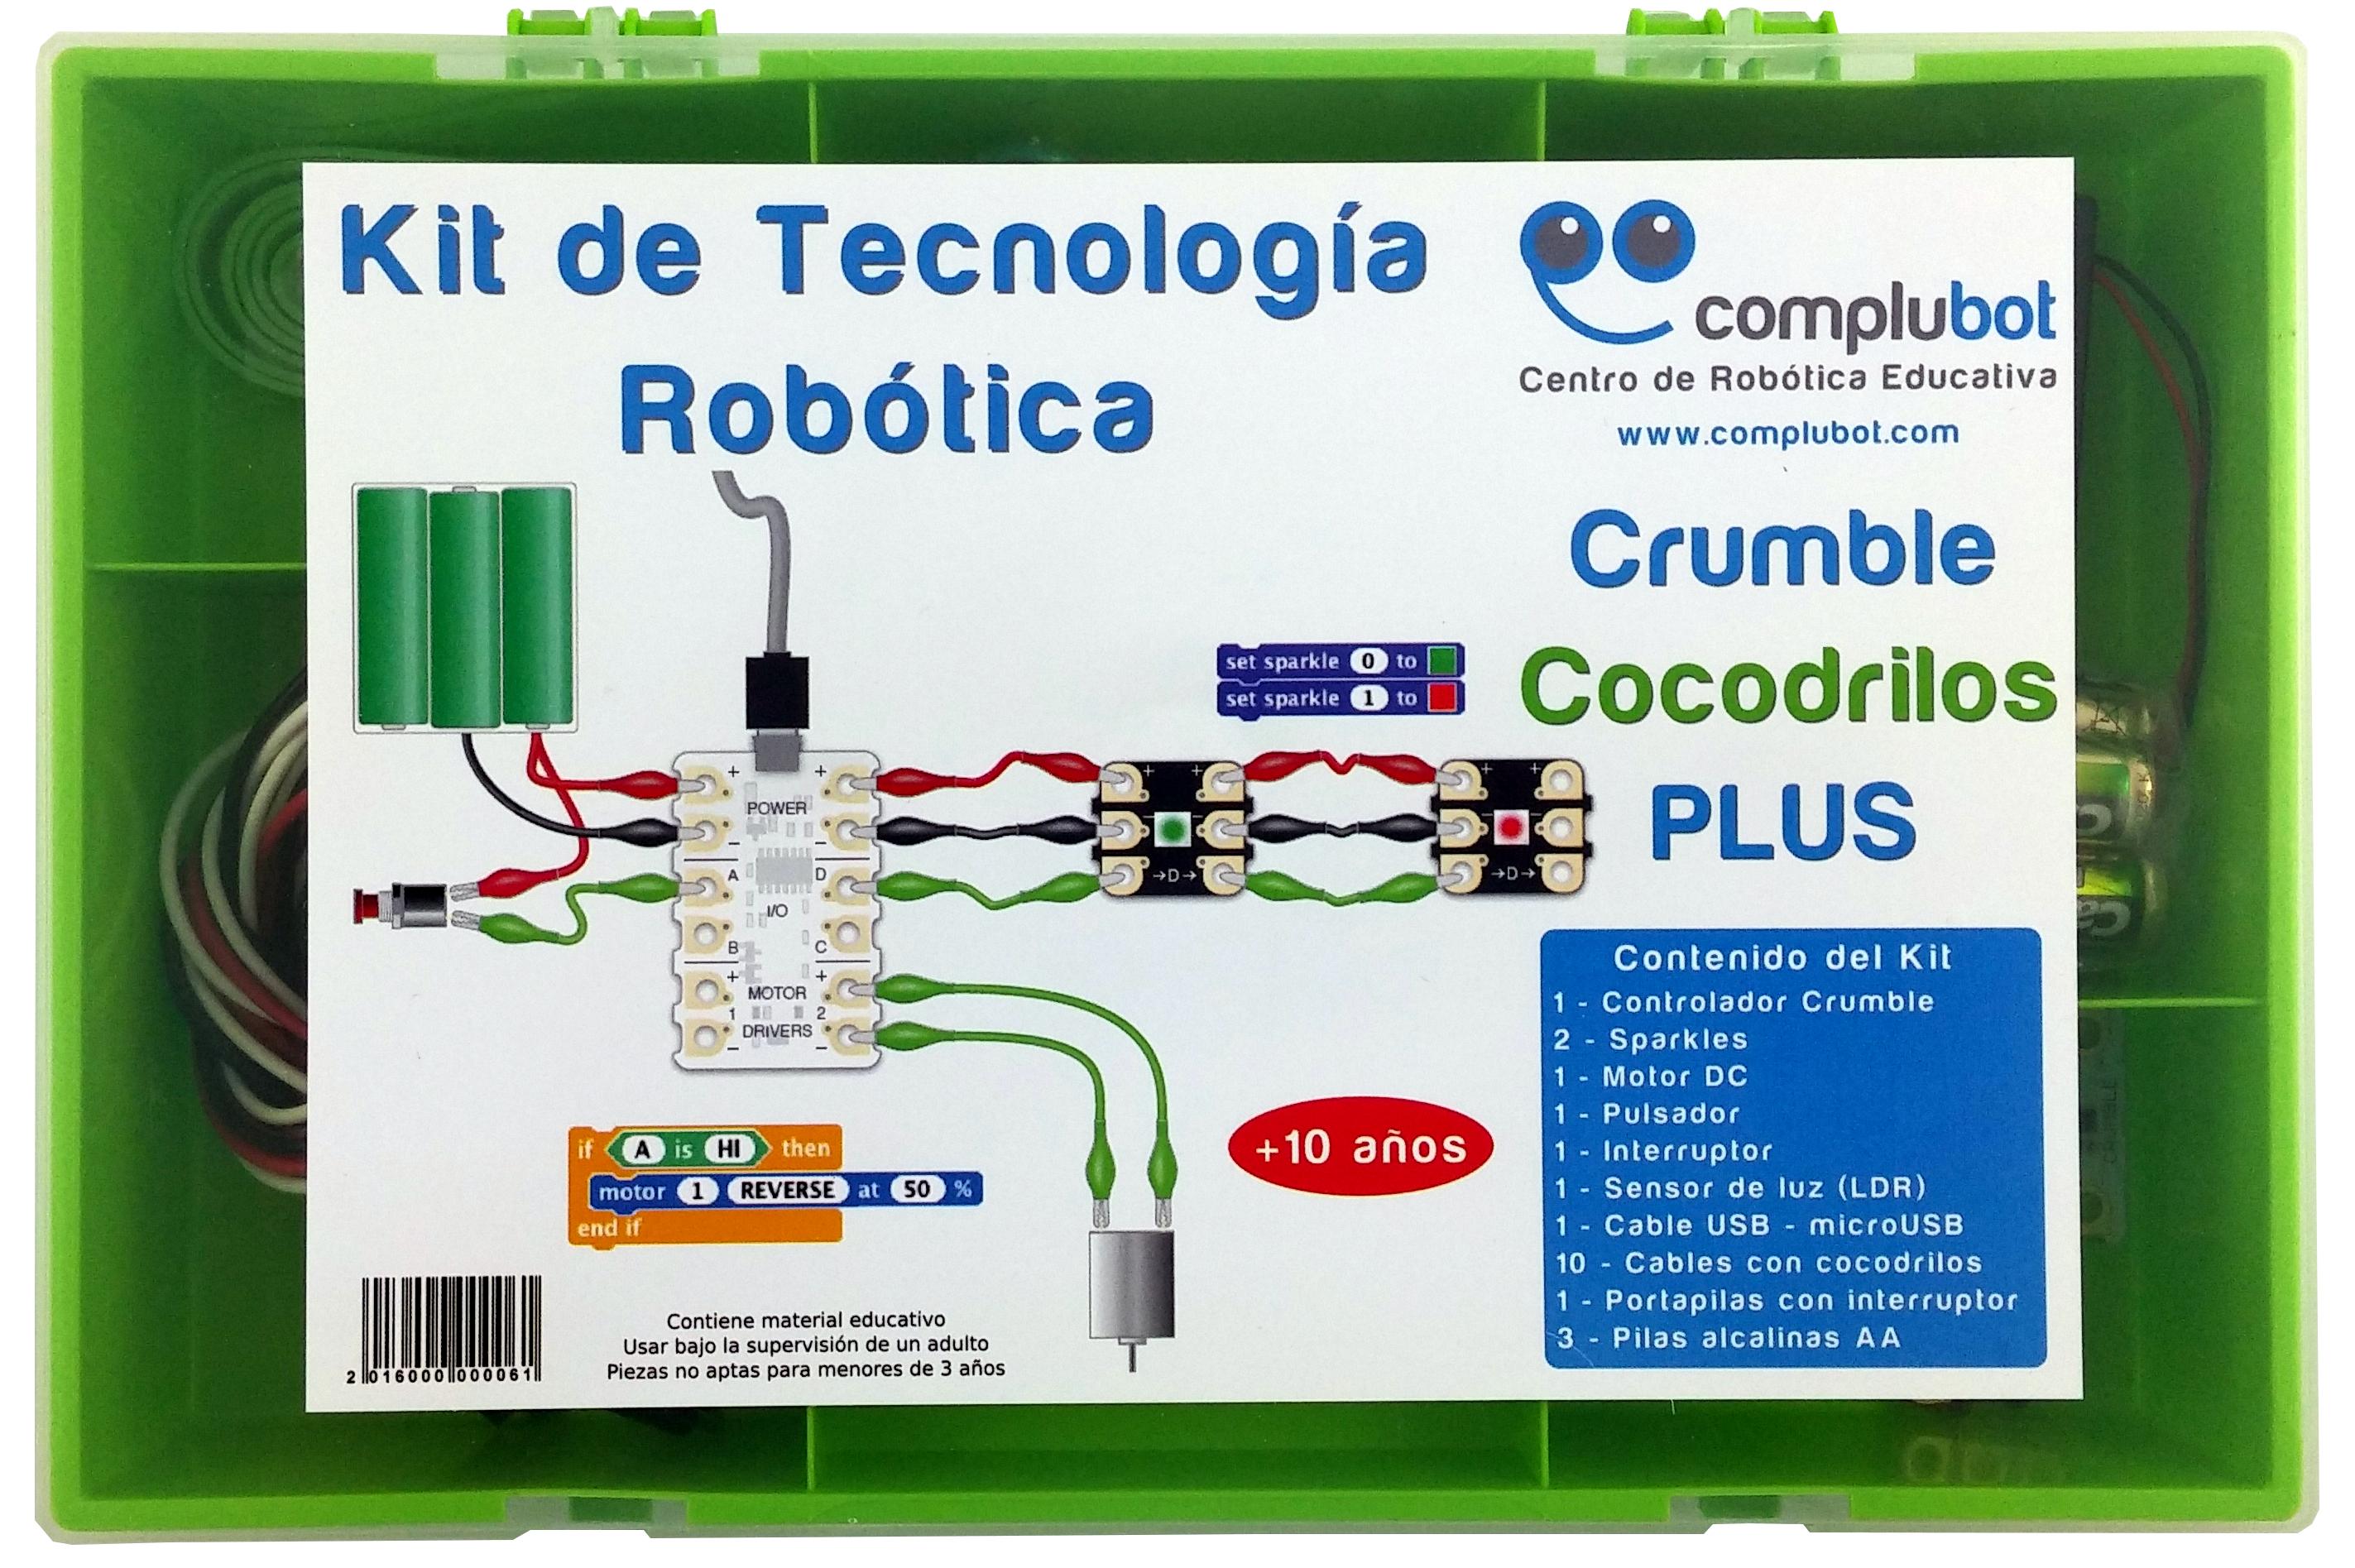 Crumble_Cocodrilos_Plus_01